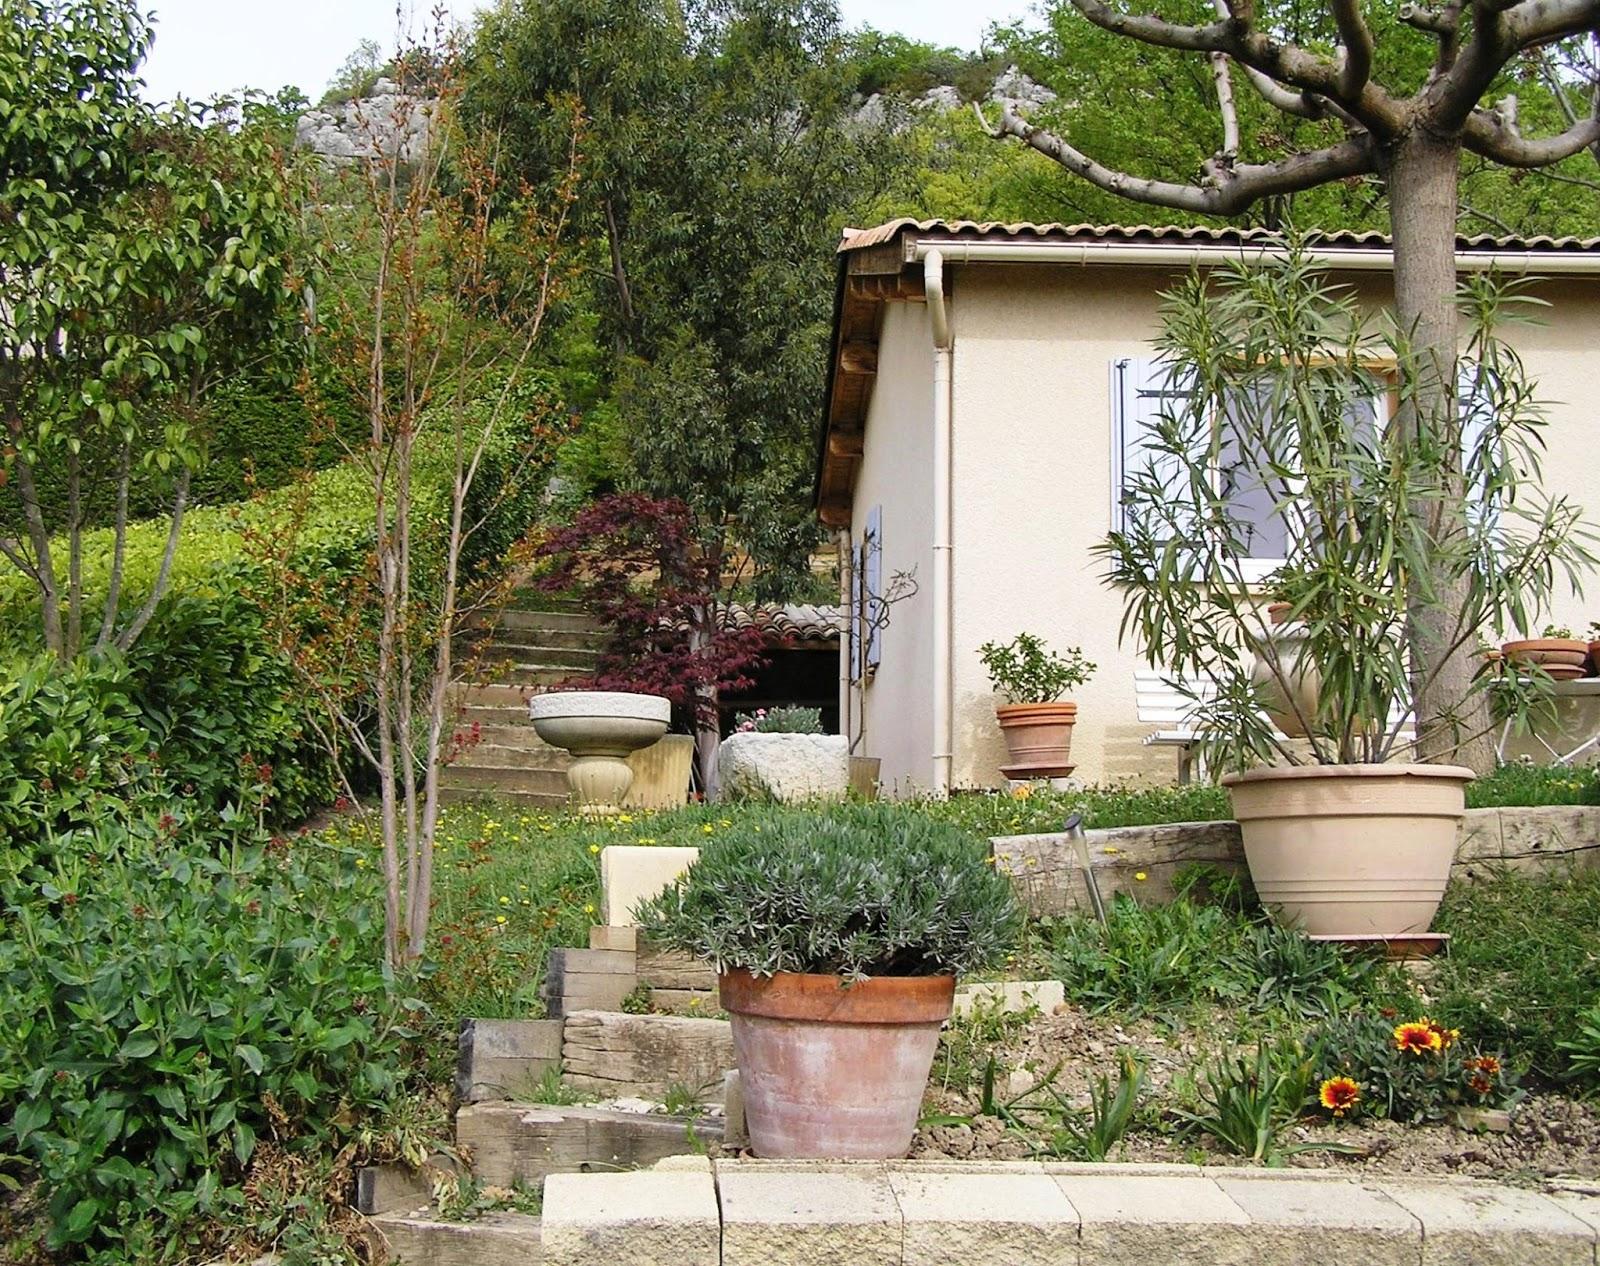 vendu villa a peipin sisteron sud 04200 jardin facile d